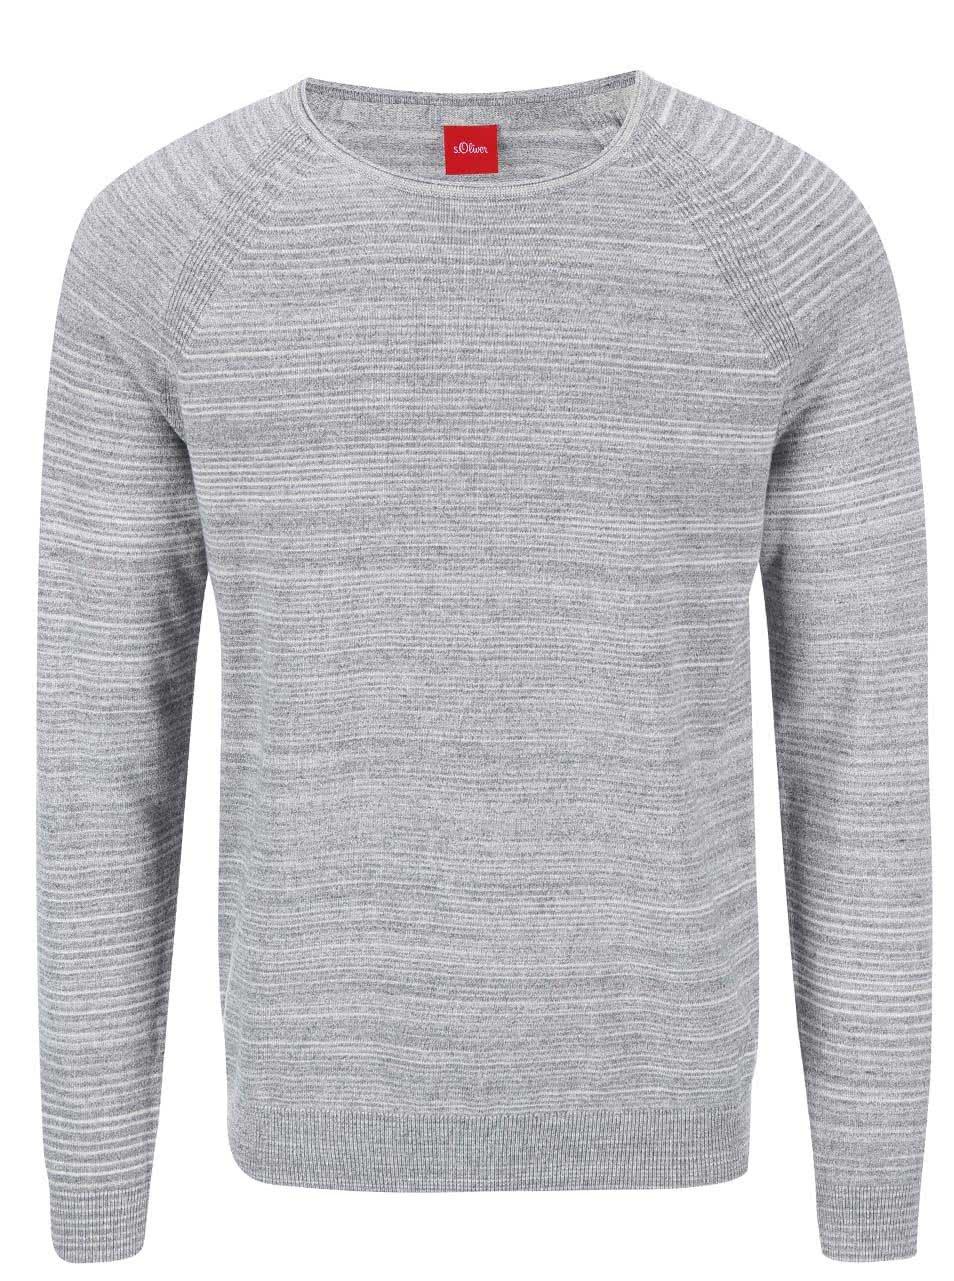 Šedý pánský tenký svetr s.Oliver  da693b52f4